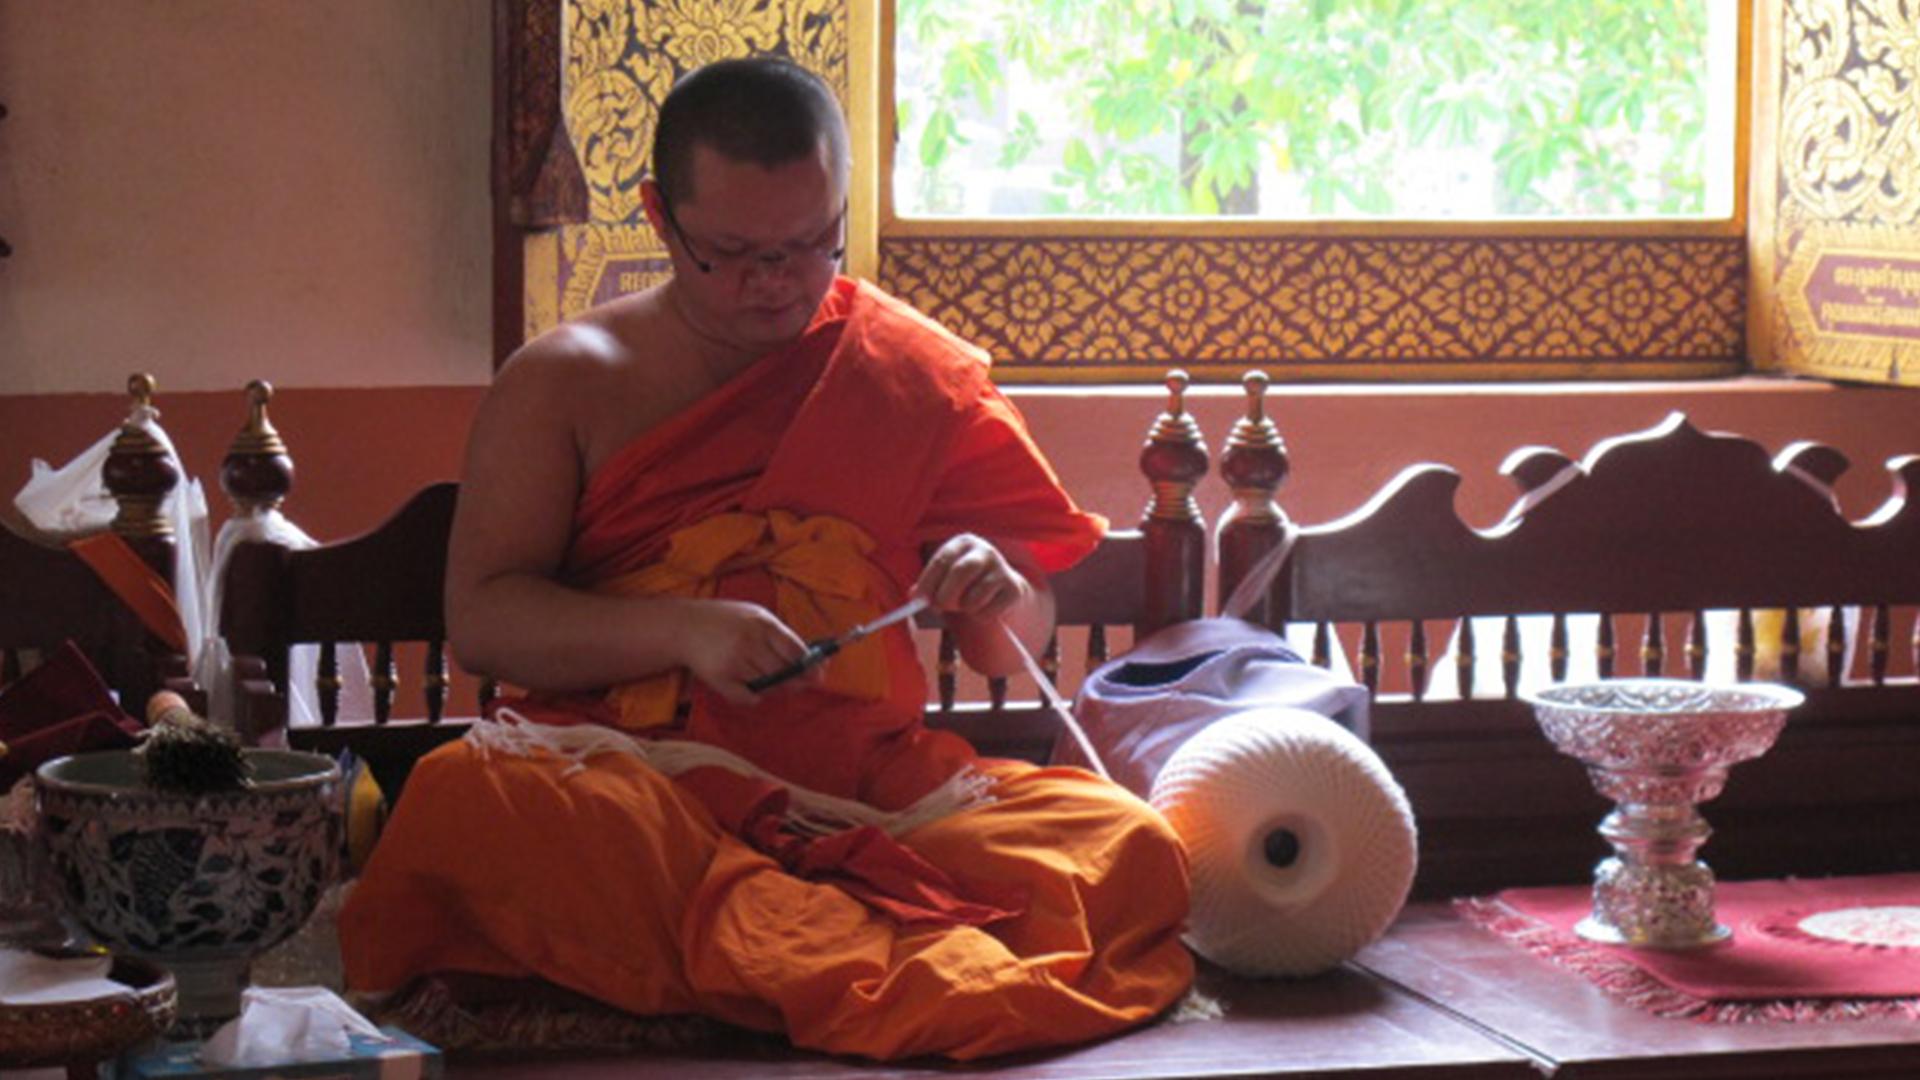 Monaco al monastero del Buddha Leone